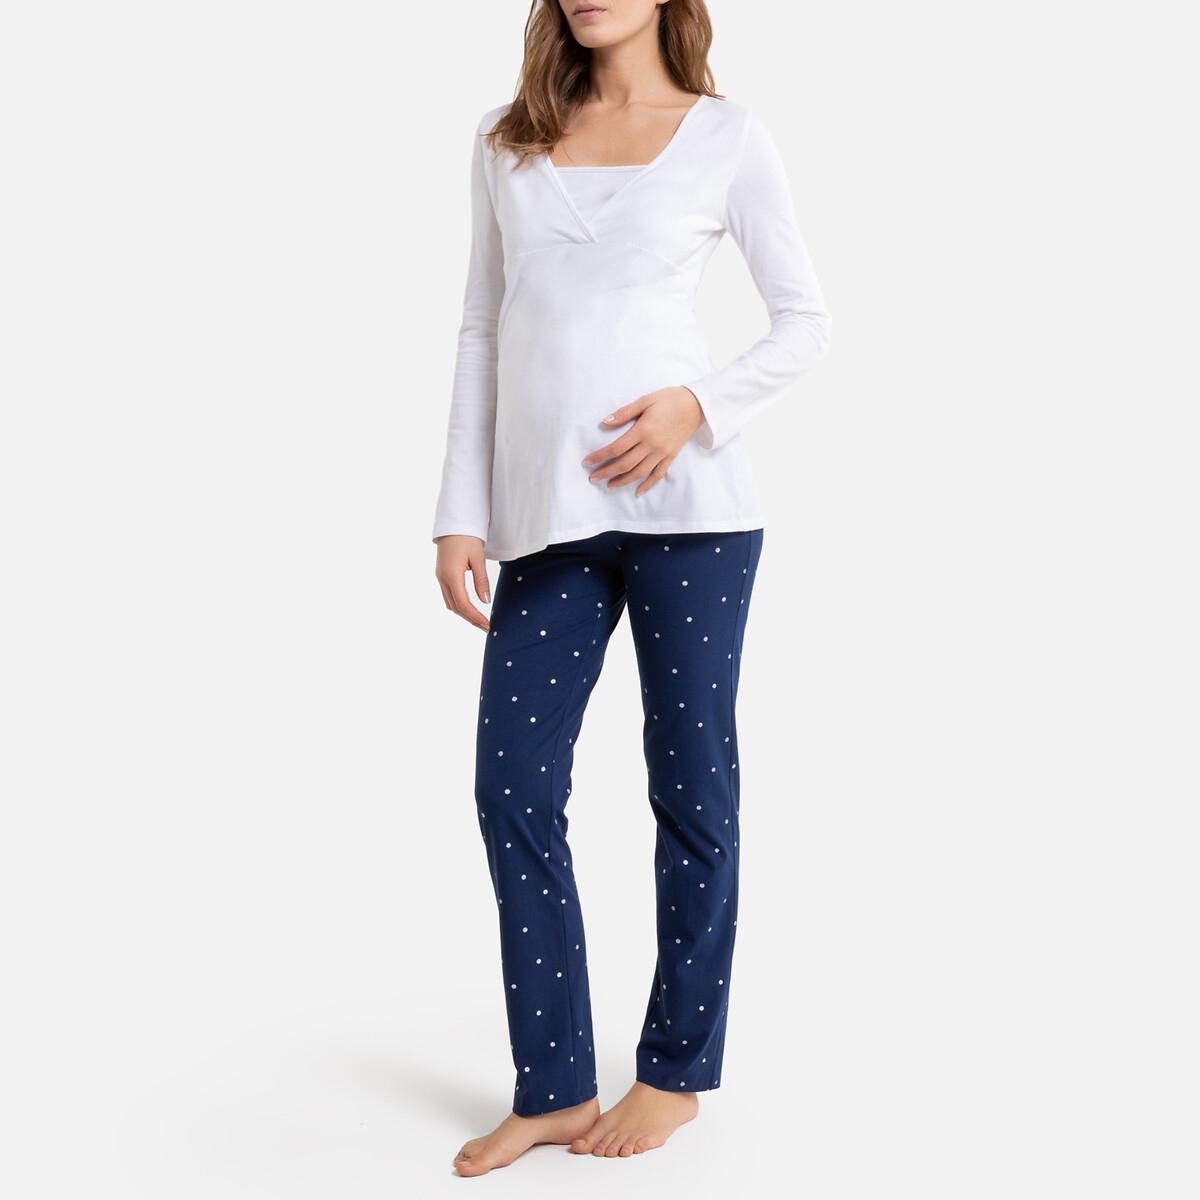 Пижама La Redoute Для беременных и кормящих грудью 50/52 (FR) - 56/58 (RUS) белый купальник la redoute раздельный для периода беременности 46 fr 52 rus синий